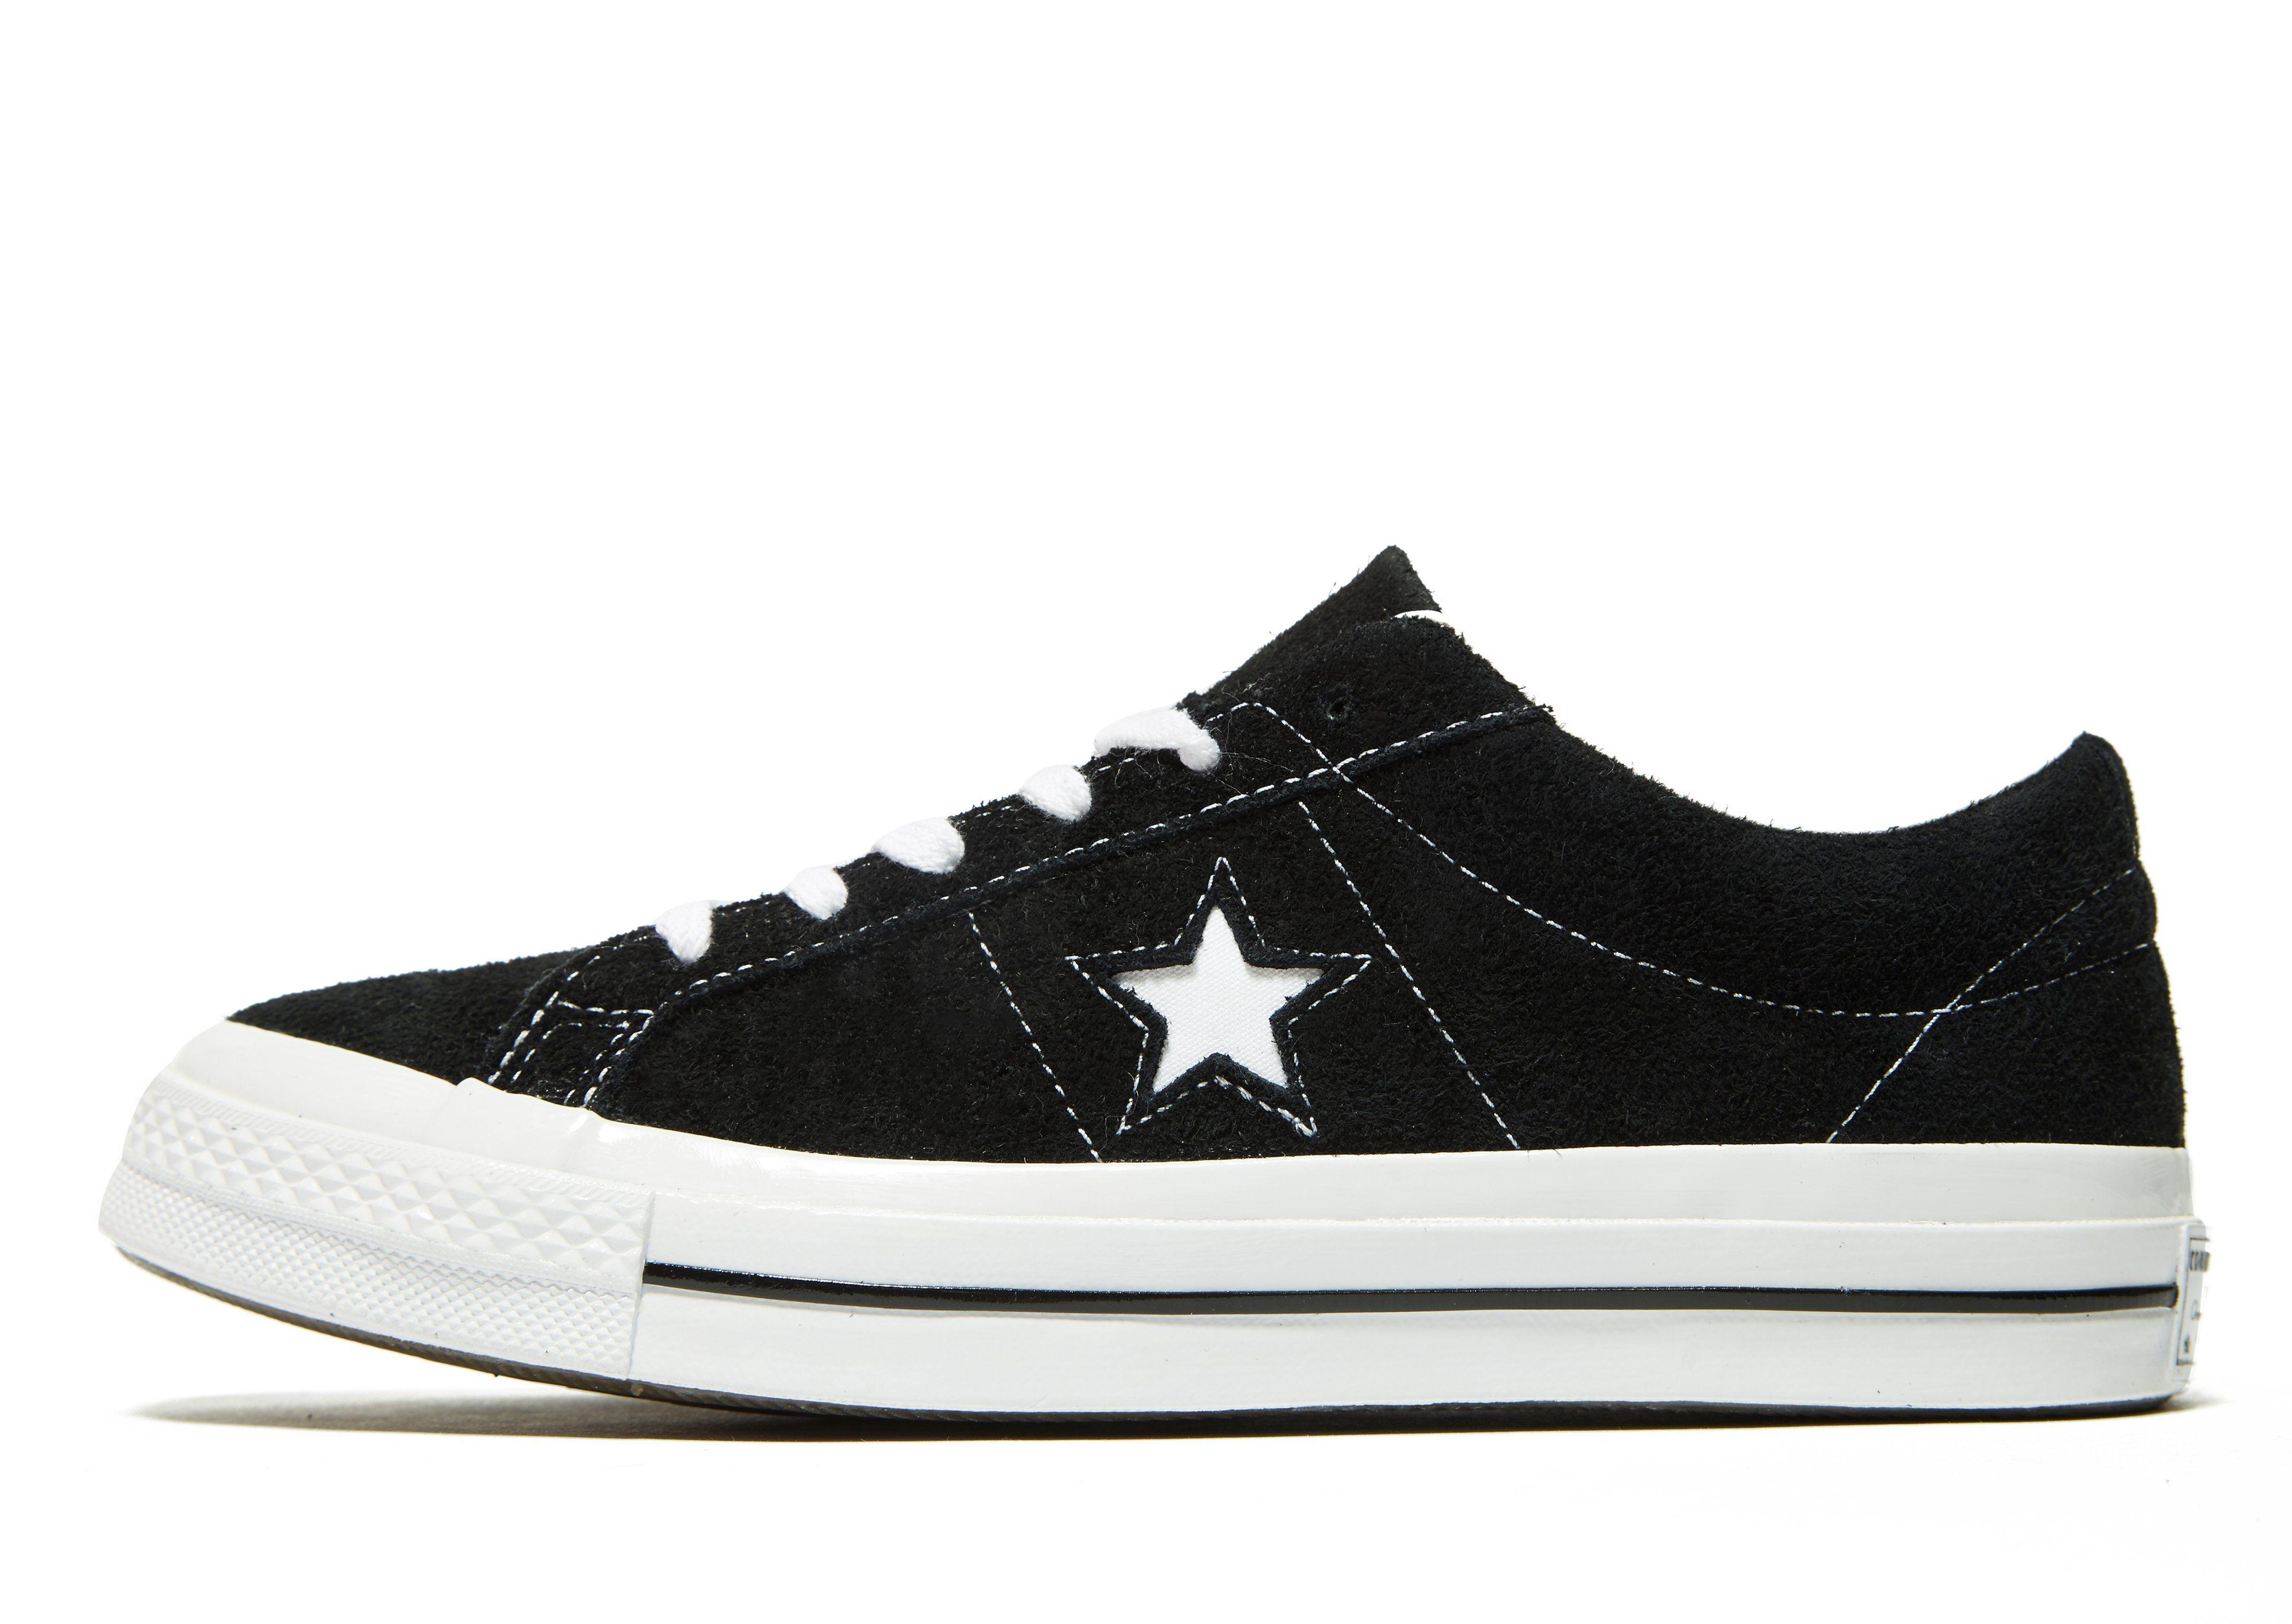 Calzature & Accessori 46,5 neri per uomo Converse One Star